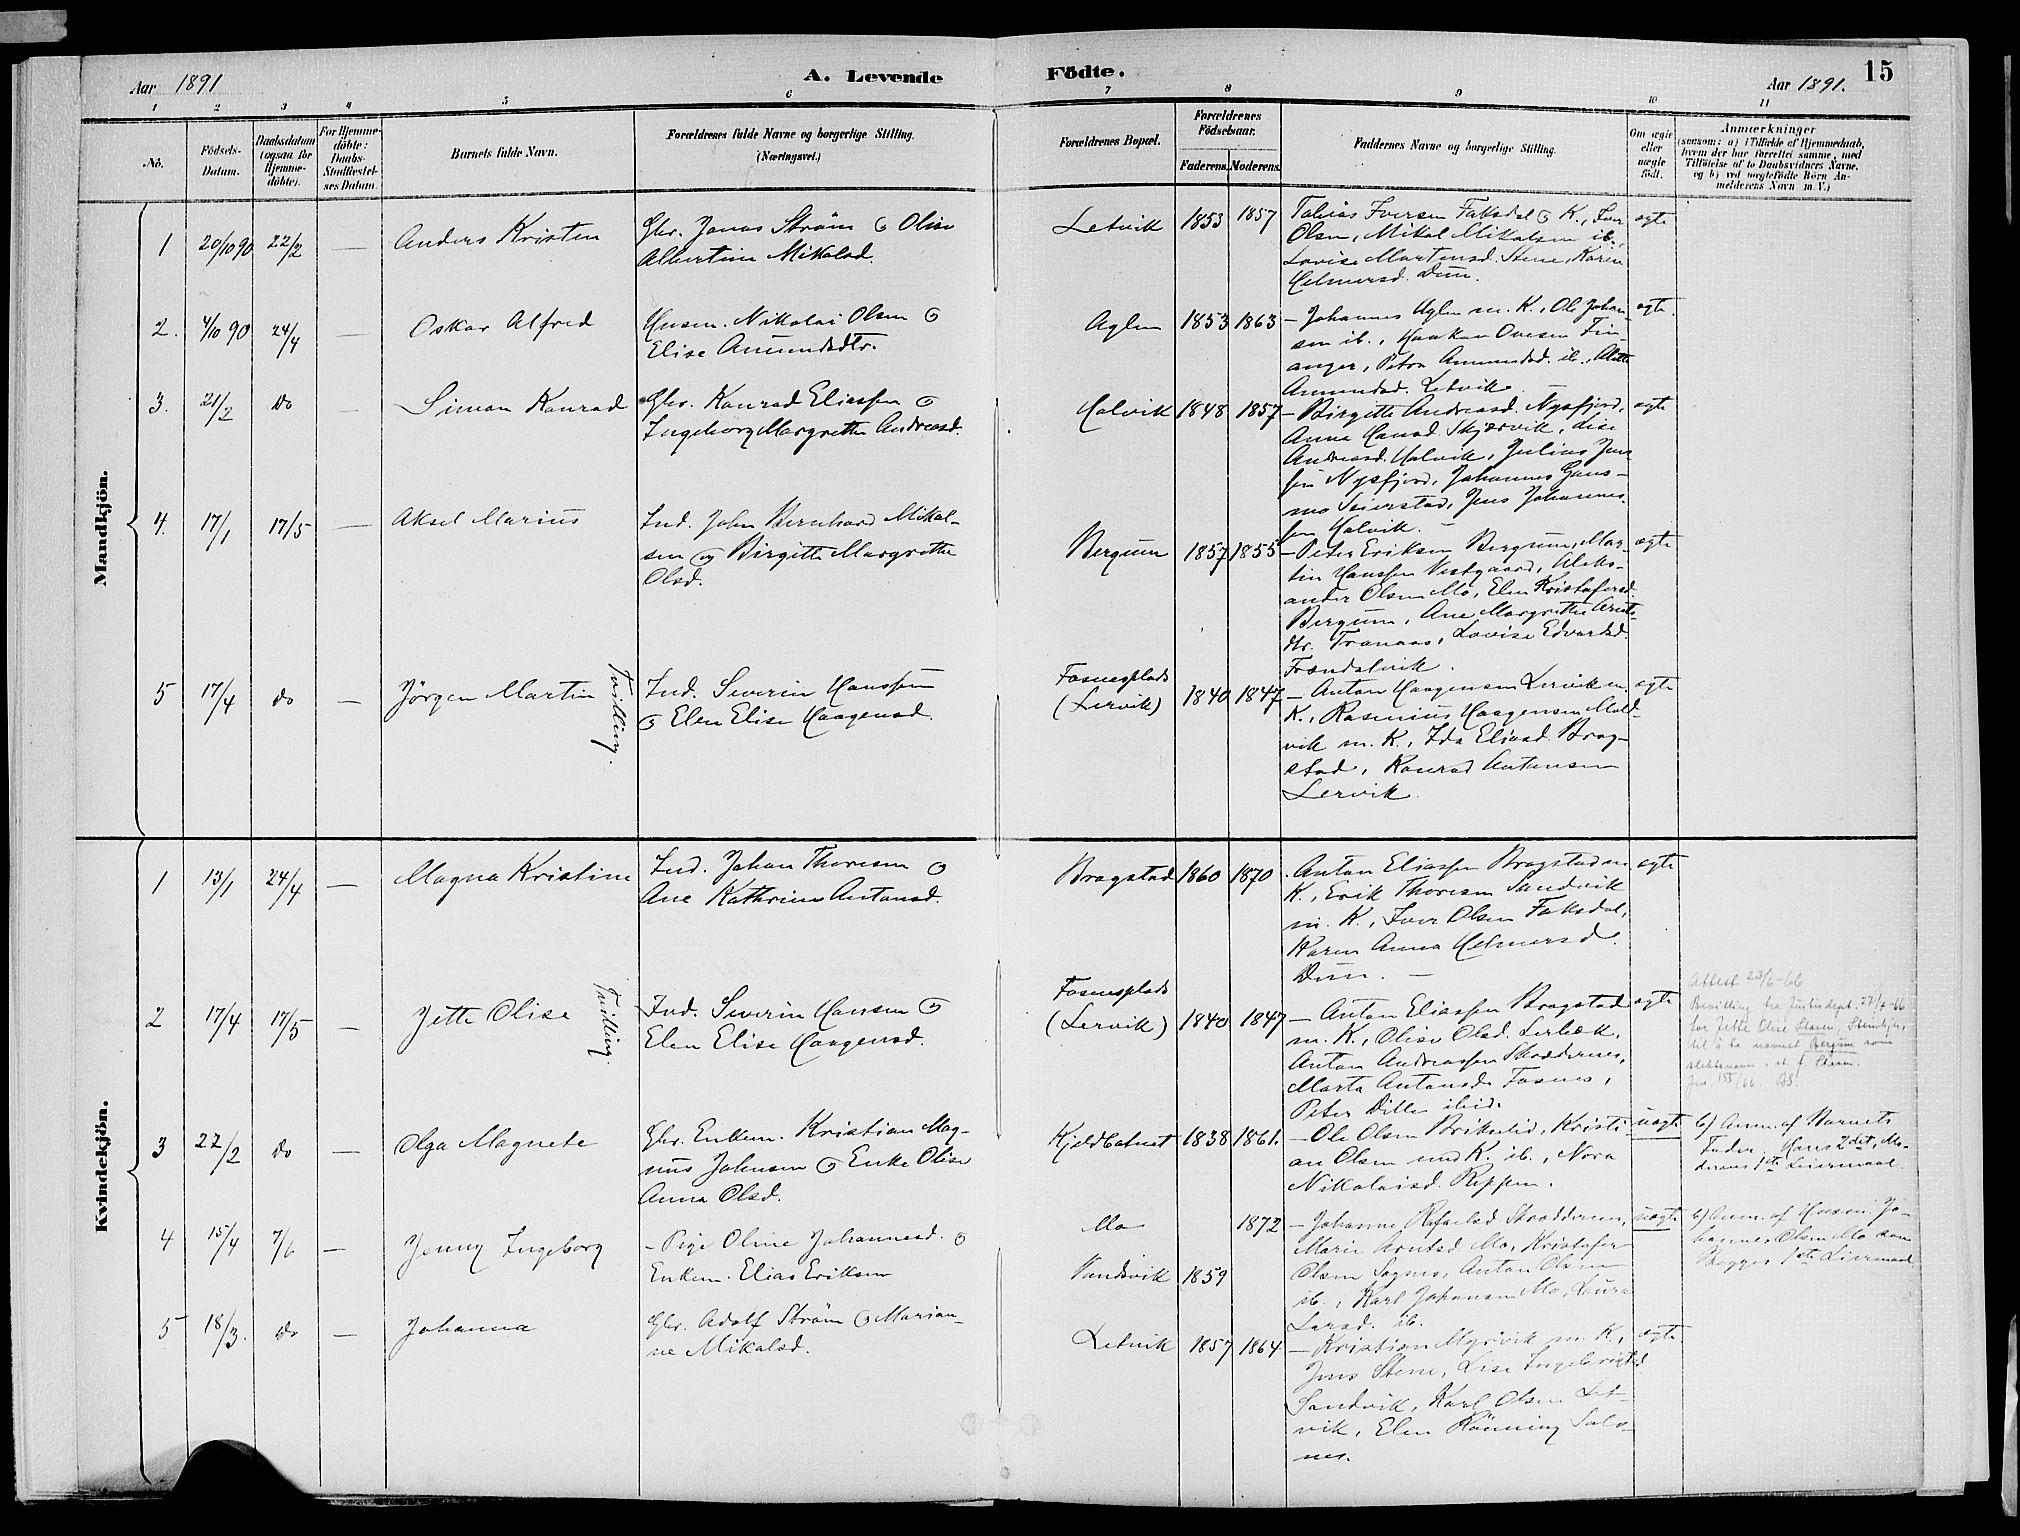 SAT, Ministerialprotokoller, klokkerbøker og fødselsregistre - Nord-Trøndelag, 773/L0617: Ministerialbok nr. 773A08, 1887-1910, s. 15